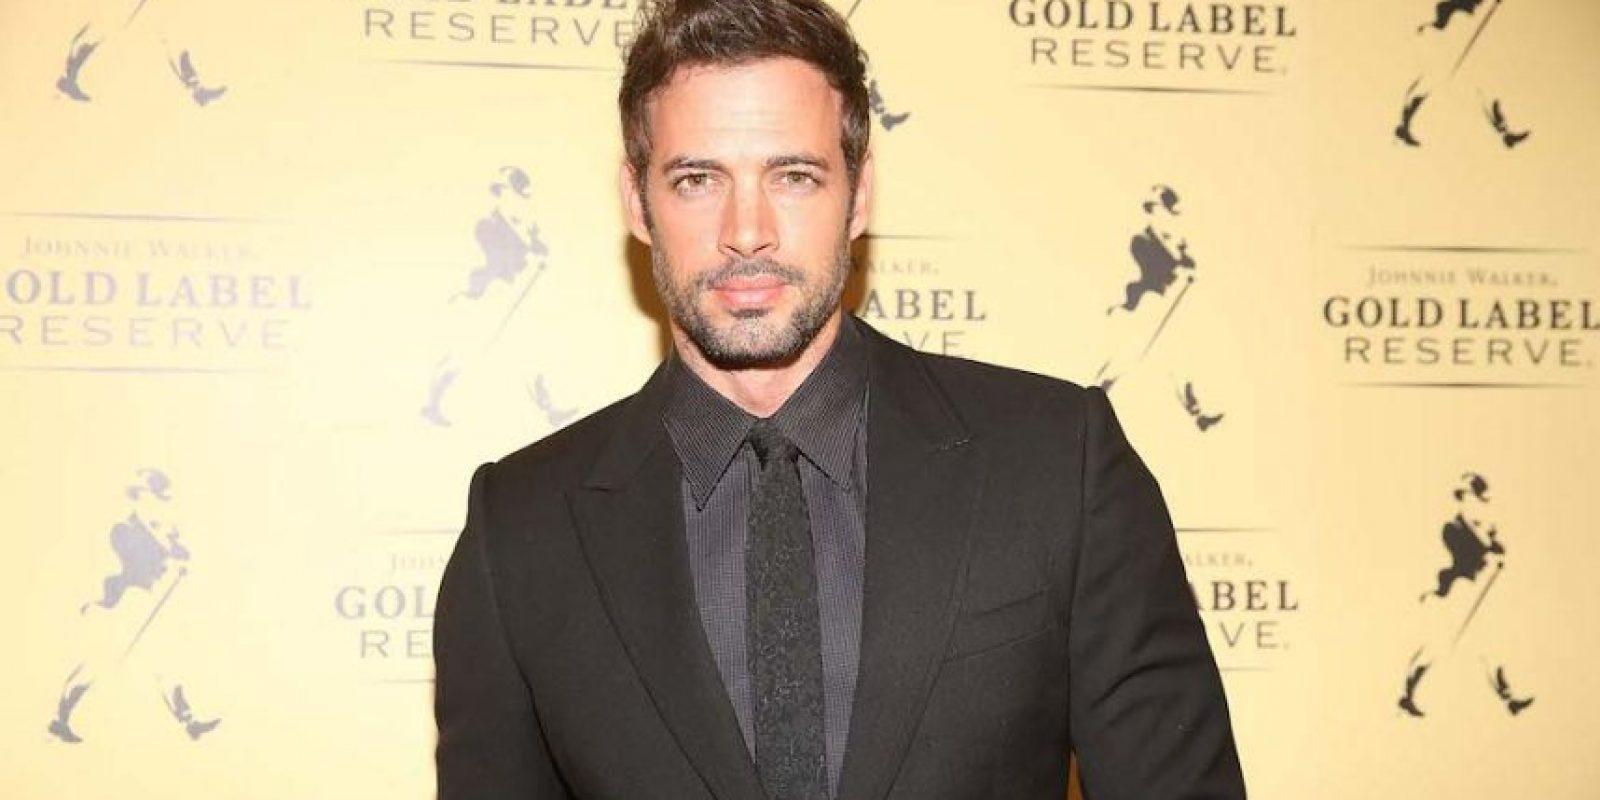 El actor cubano ha participado en reconocidas novelas principalmente en México y Estados Unidos. Foto:Getty Images